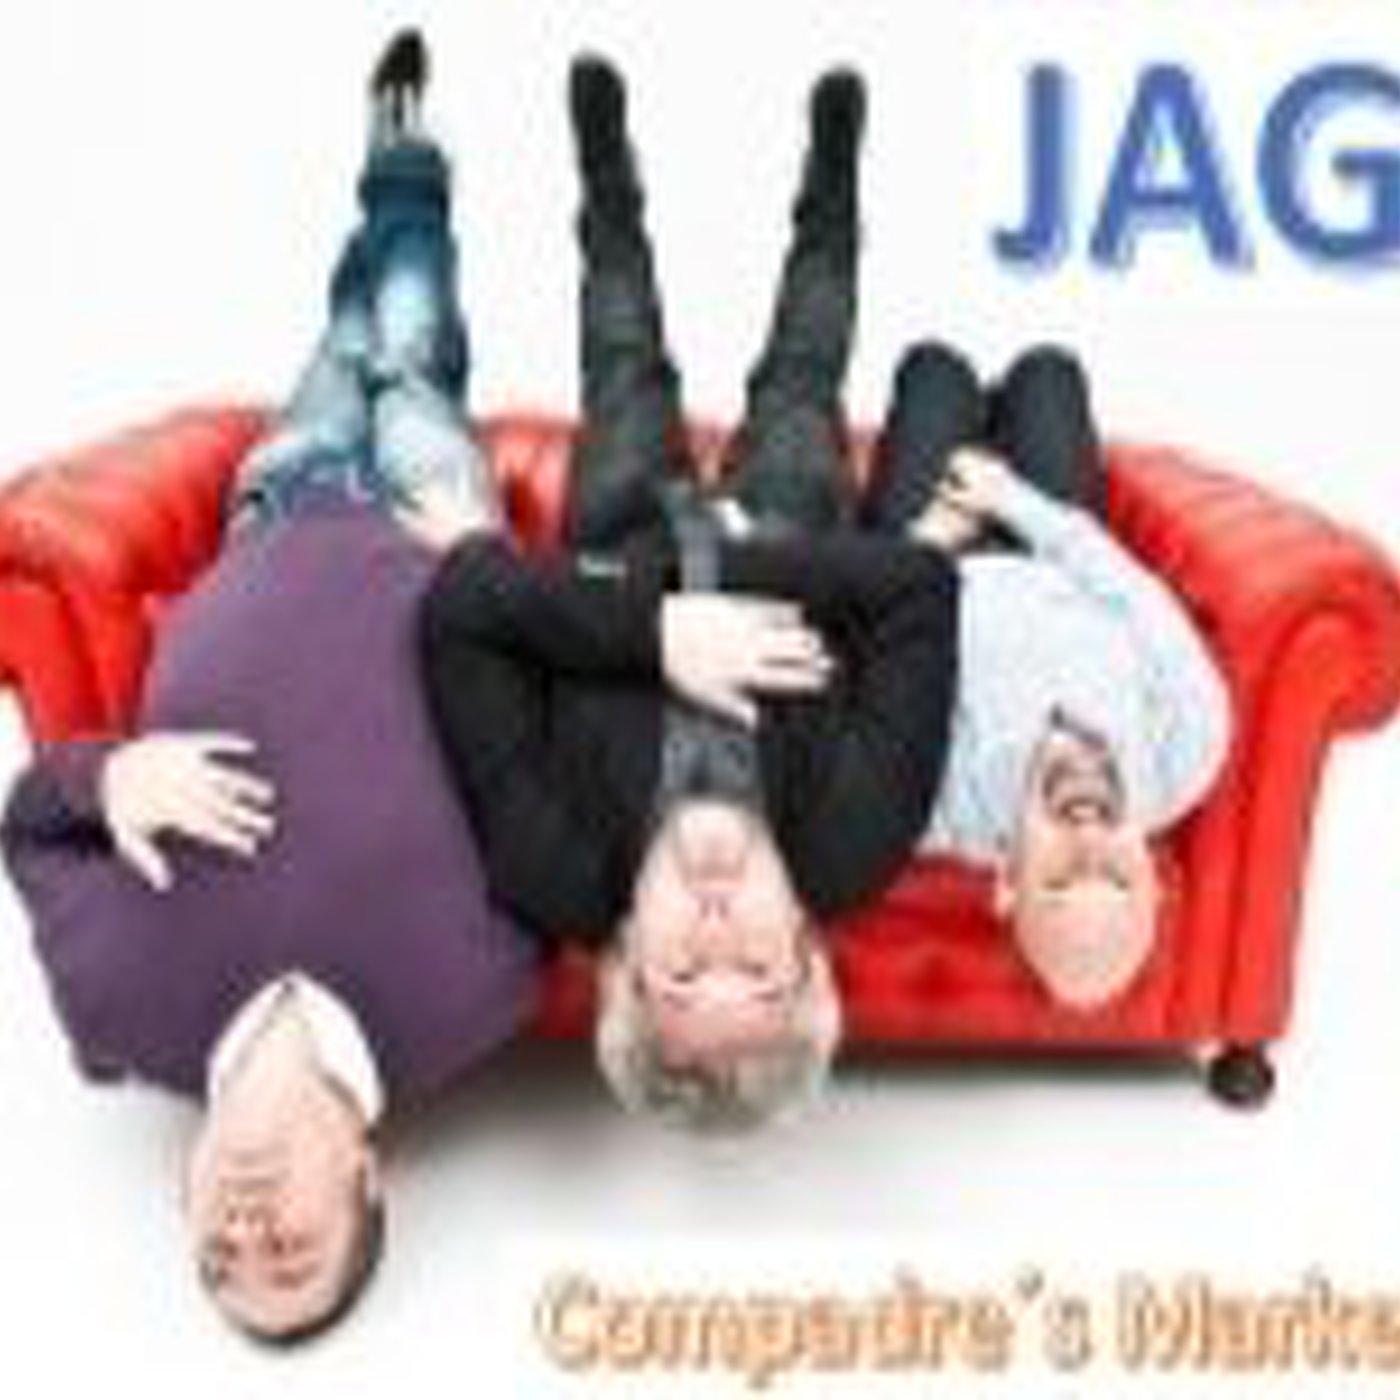 JAGV ¡¡ESTRENO!! Ilustres Ignorantes - El Arrepentimiento (11/09/15)